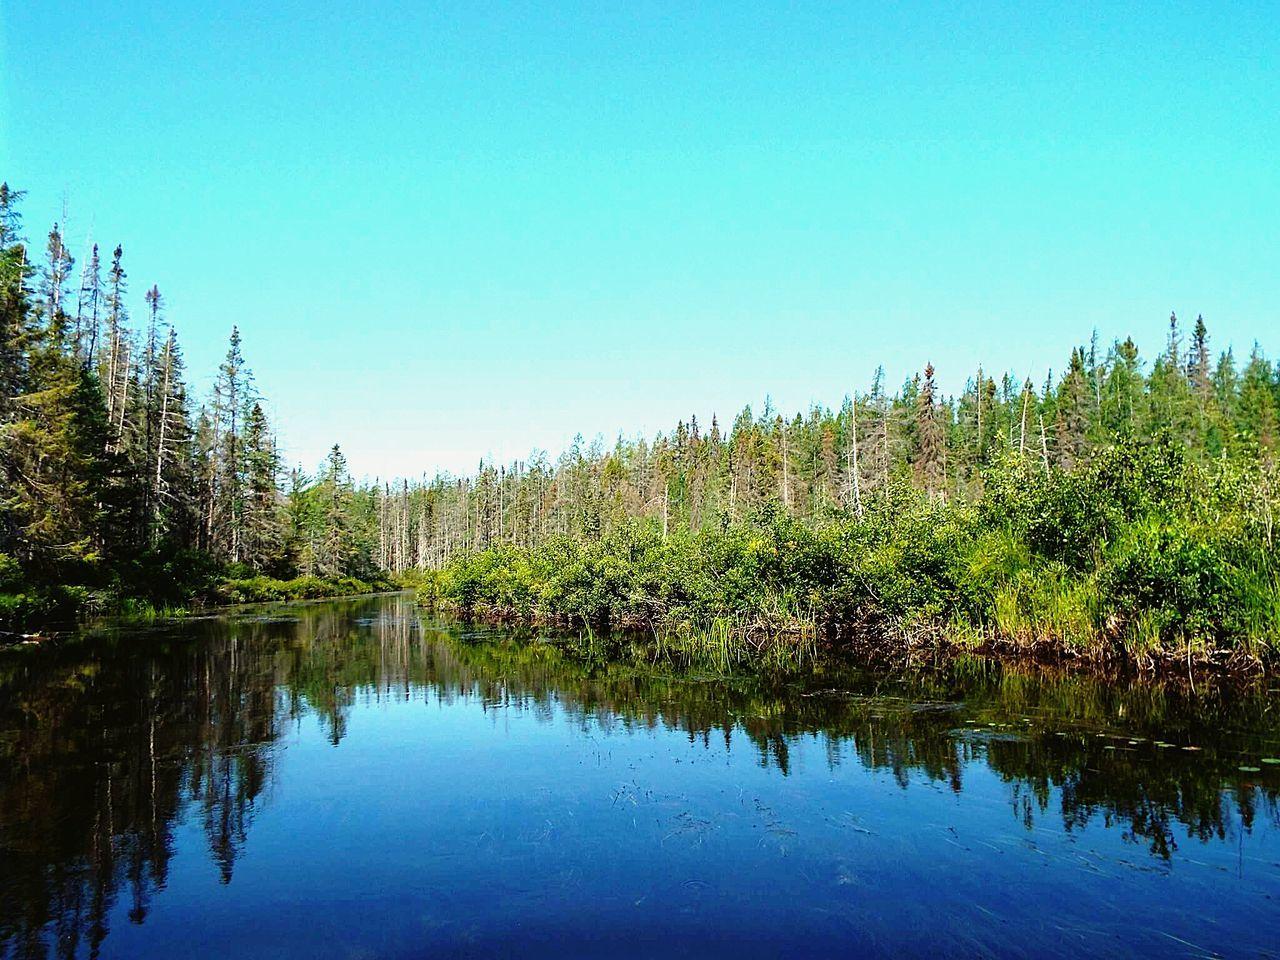 Nature Forest River Algonquin Park Algonquinprovincialpark Green